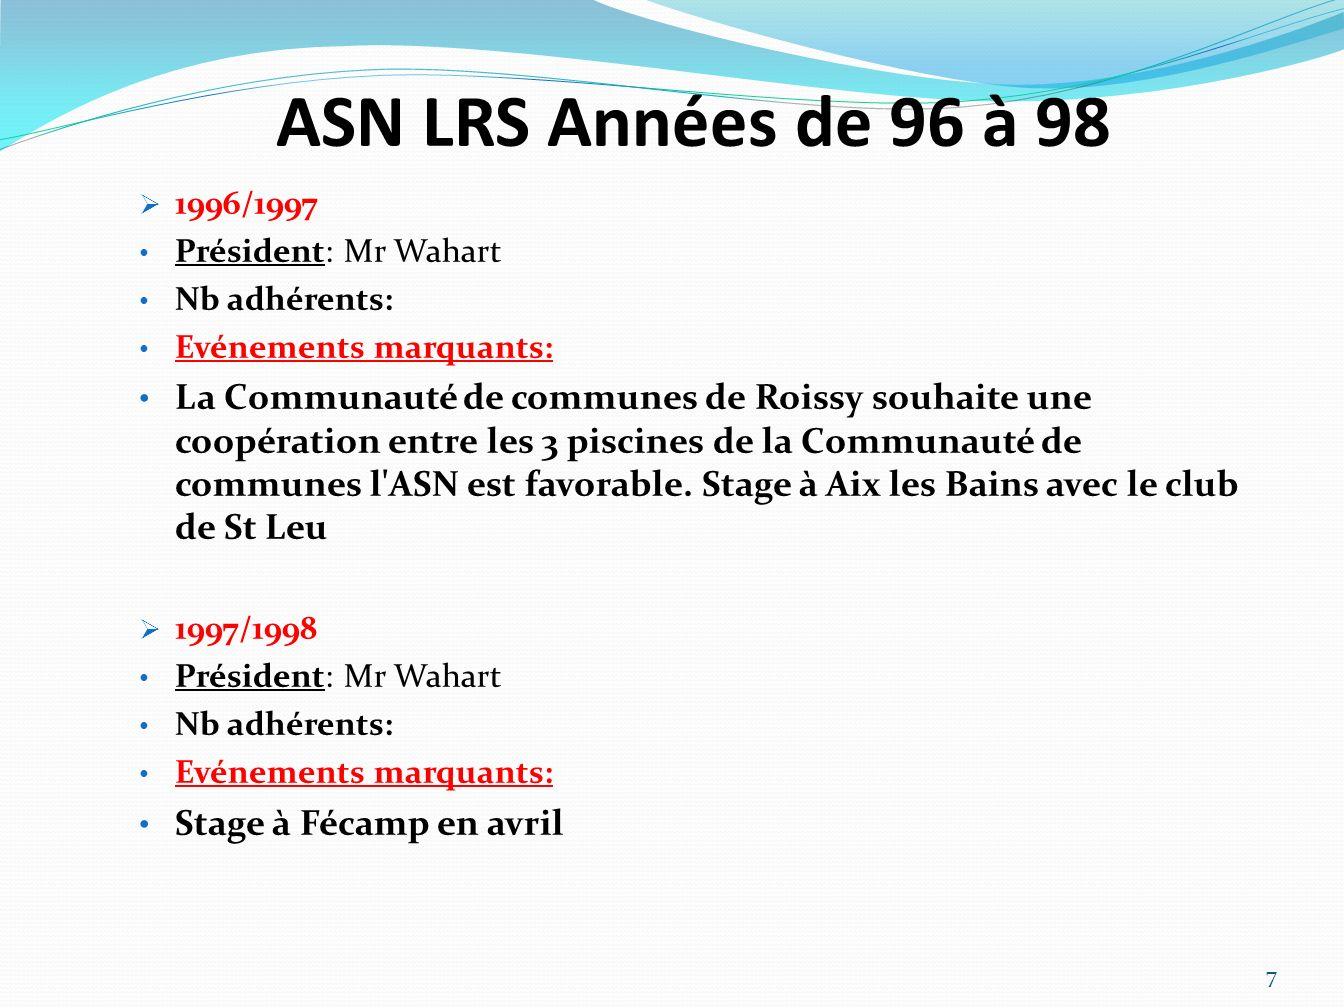 ASN LRS Années de 96 à 98 1996/1997 Président: Mr Wahart Nb adhérents: Evénements marquants: La Communauté de communes de Roissy souhaite une coopérat